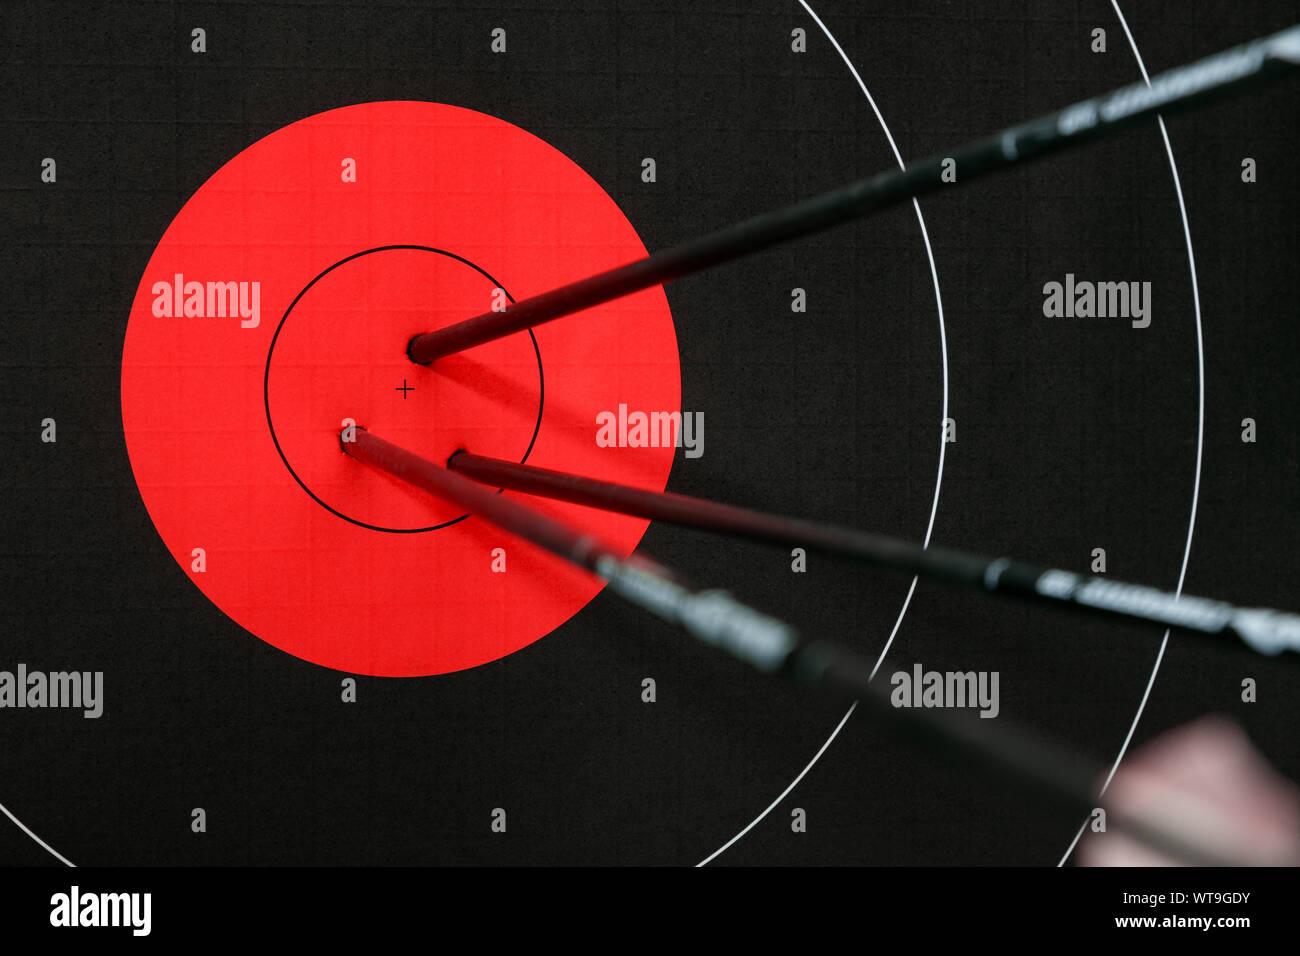 Tre frecce nel centro del rosso e del nero bersaglio tiro con l'arco. Accuratezza e precisione del concetto. Foto Stock